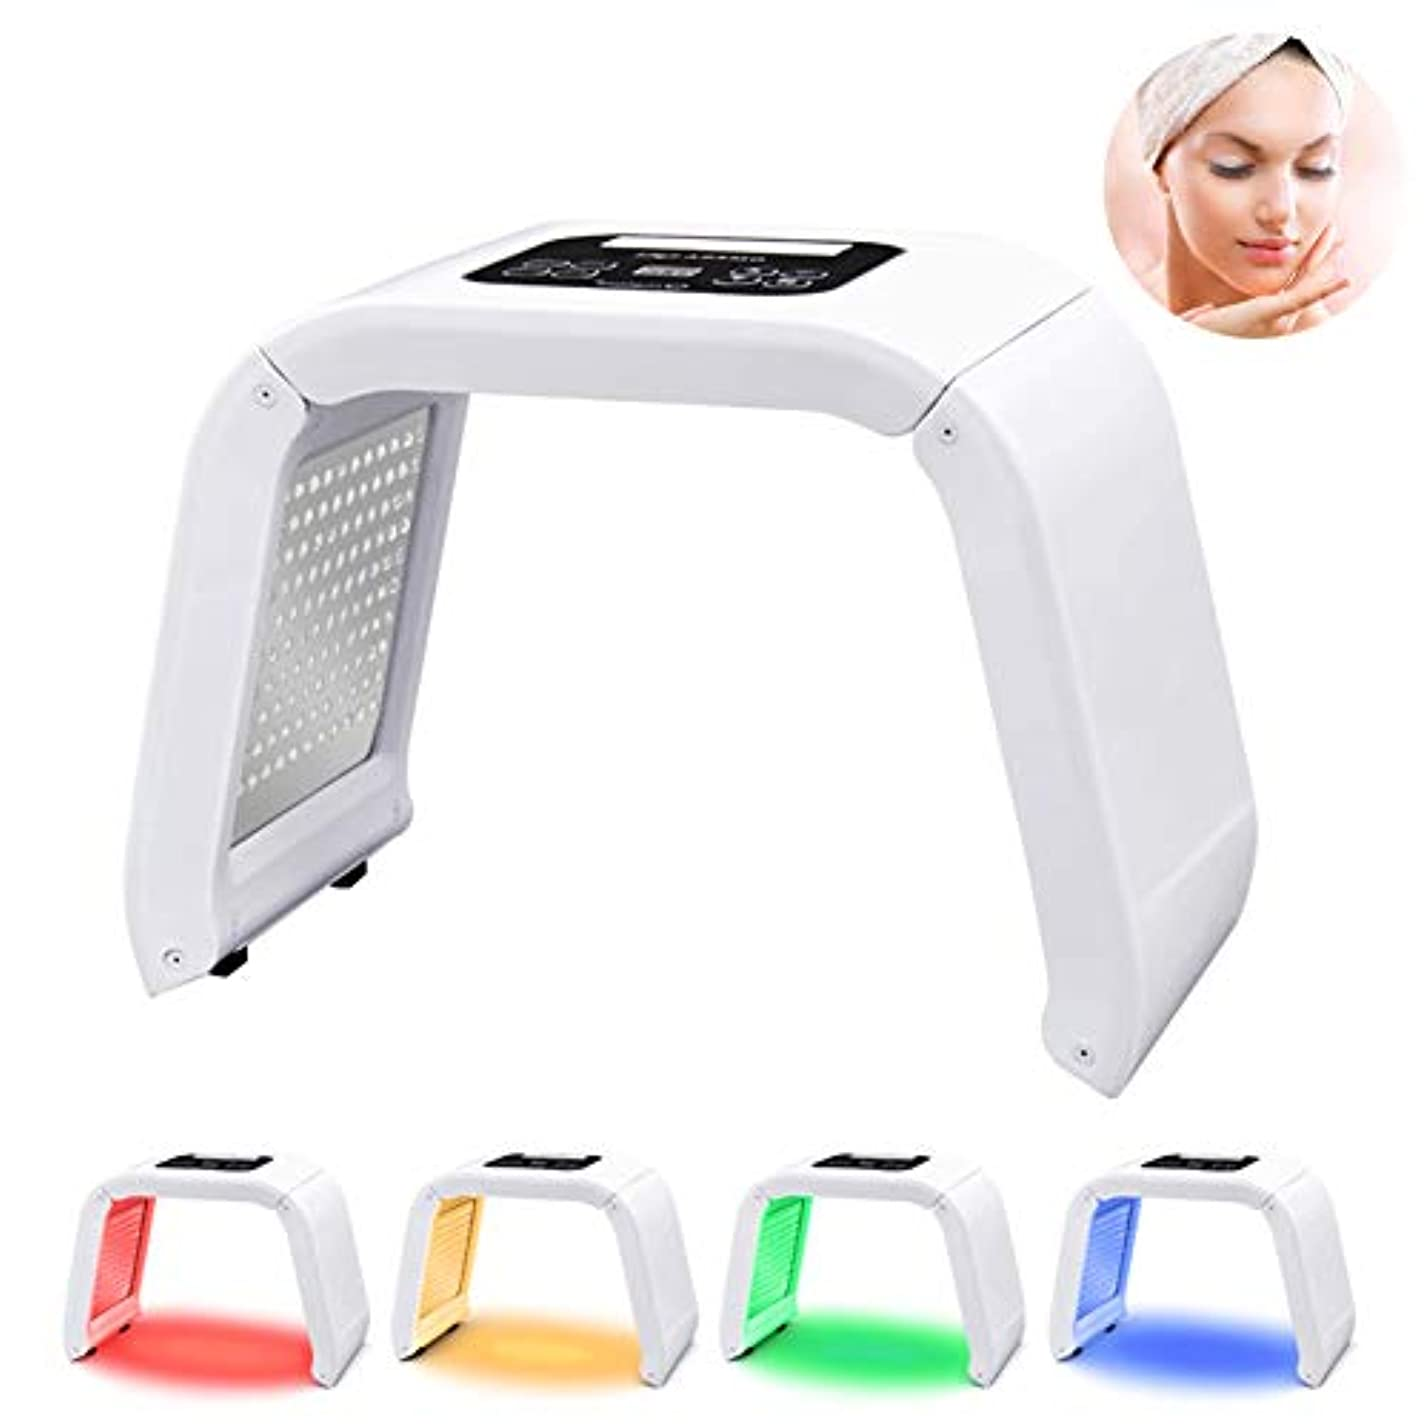 知覚的足音空虚PDT 4-In-1 LEDライト光線療法電気スキンケア美容装置家庭用多機能体の美容スキンケア分光器のマシン女性のための完璧なギフト